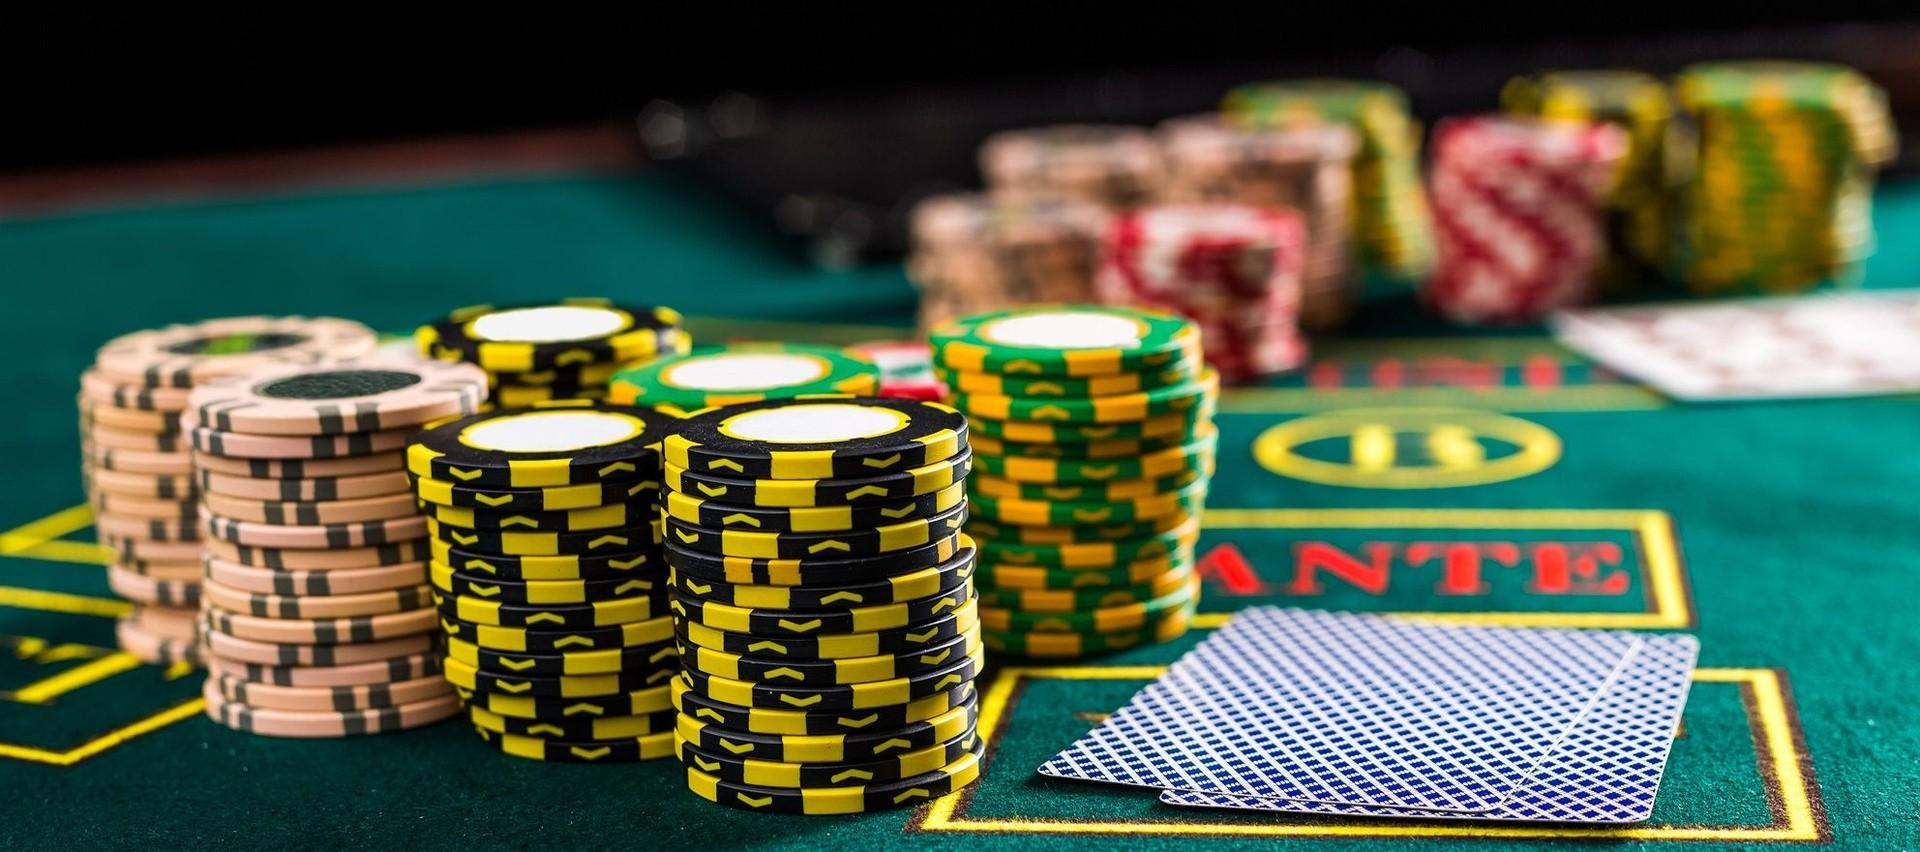 Холдэм покер в вабанк казино поиграть в игровые автоматы